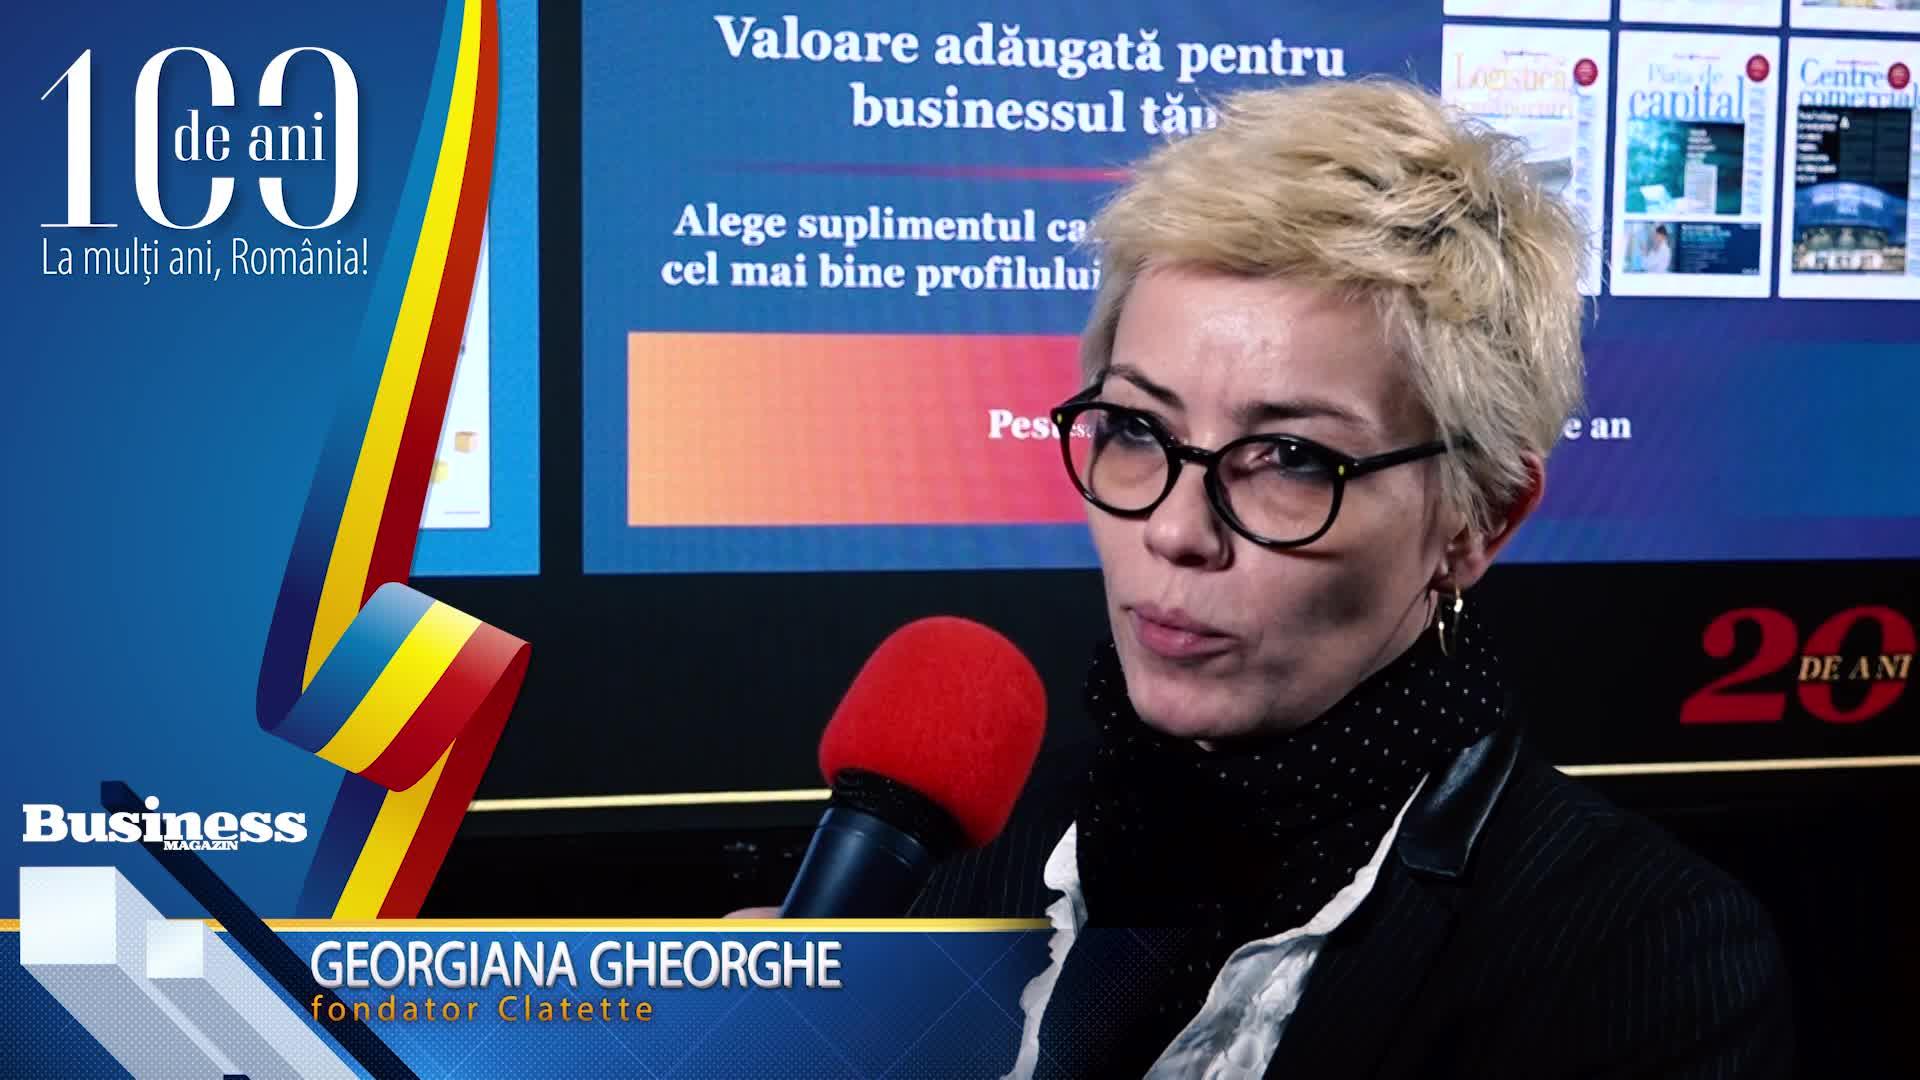 """Georgiana Gheorghe, fondator Clatette: """"Pentru cine este curajos şi ambiţios există o şansă aici!"""" - VIDEO"""